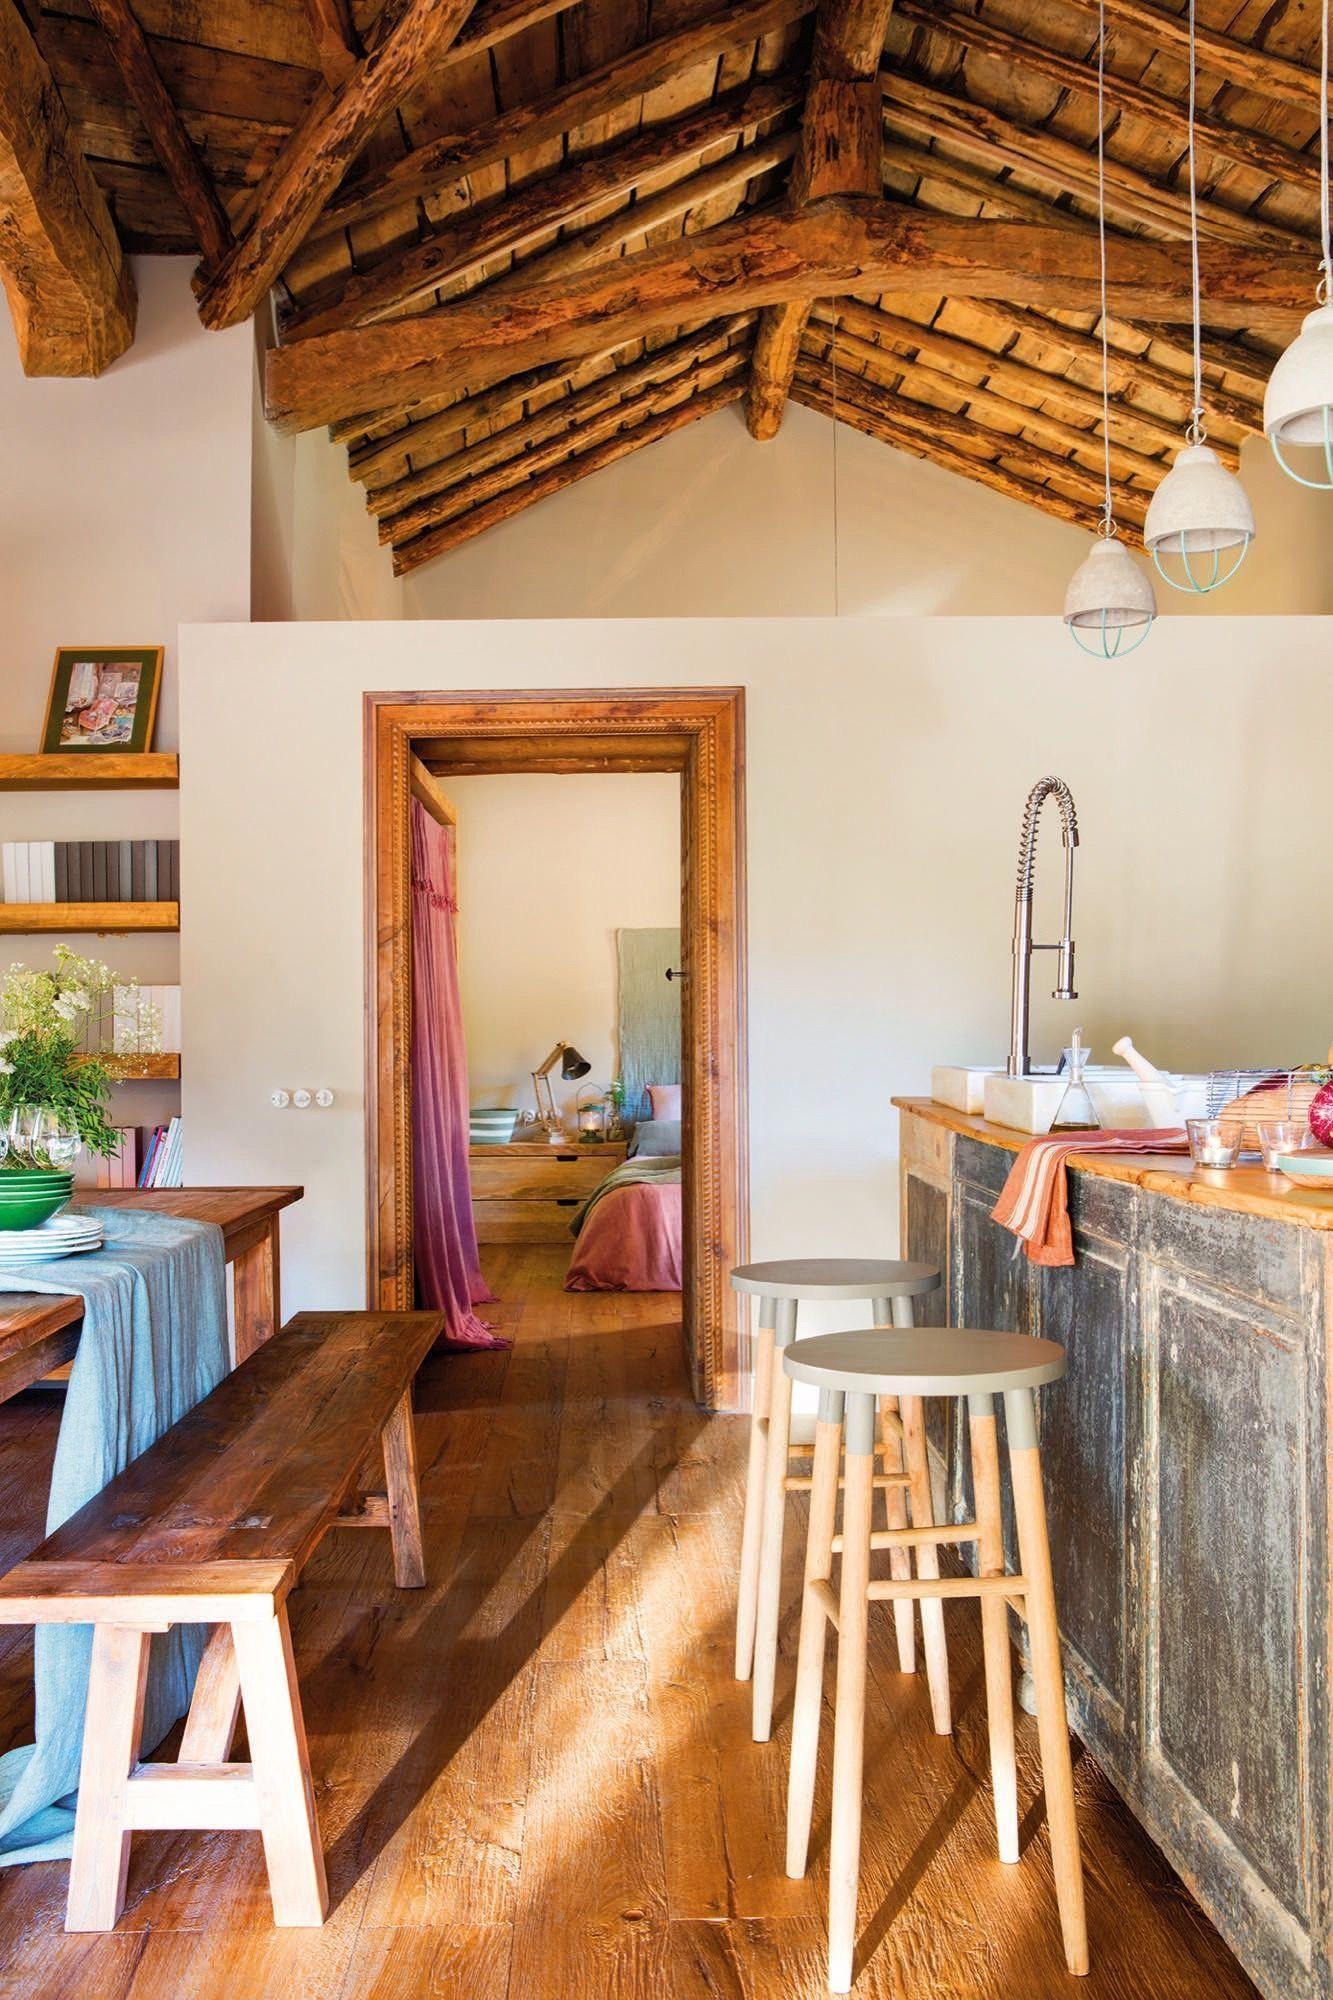 Cocina Comedor Y Dormitorio En Una Casa Rustica Con Tonos Rosa Disenomoderno Casasrusticas House Home Home Decor